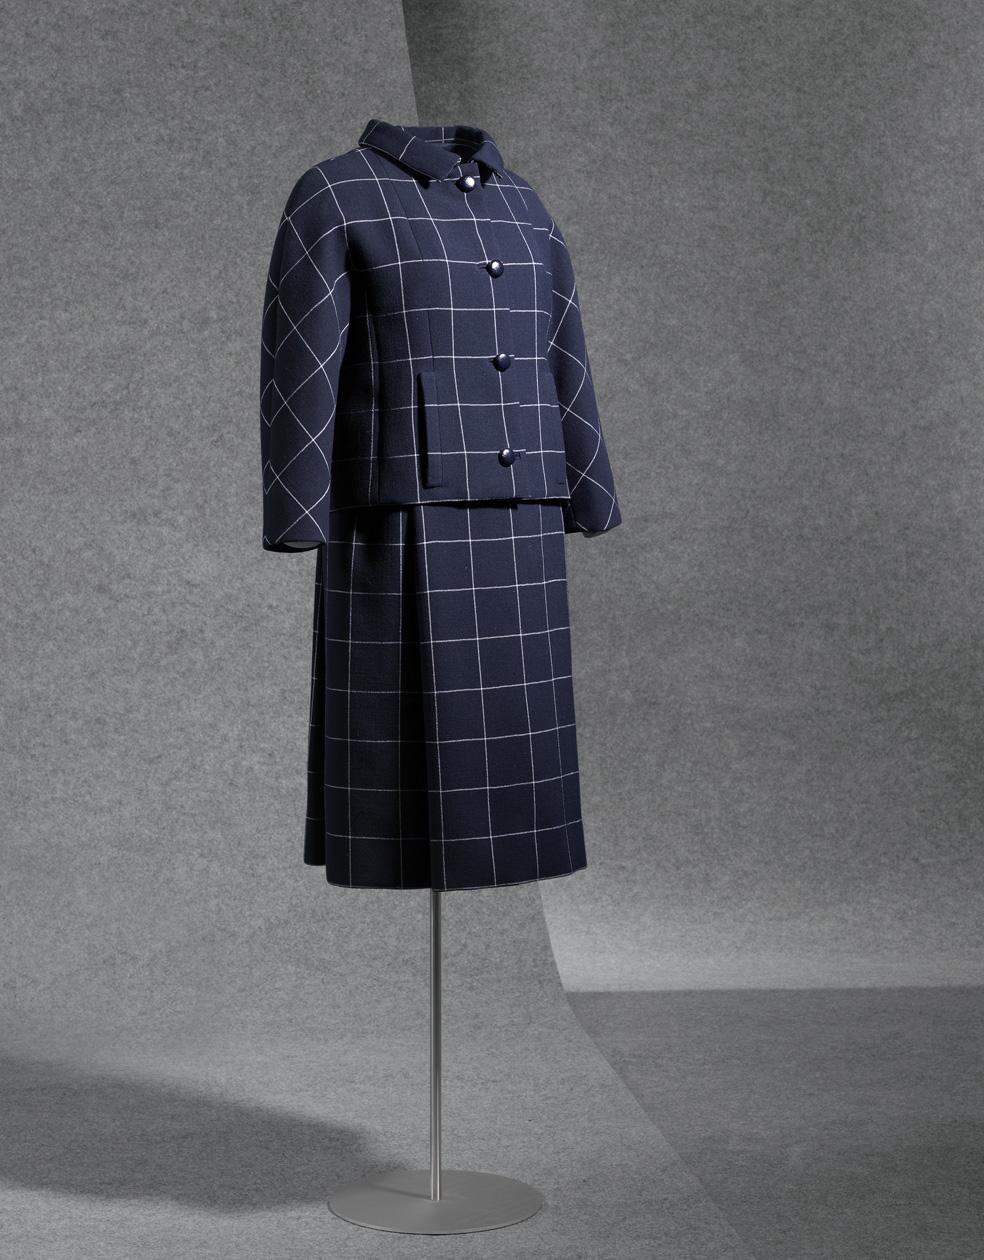 Traje de chaqueta en sarga cruzada de lana azul y blanca